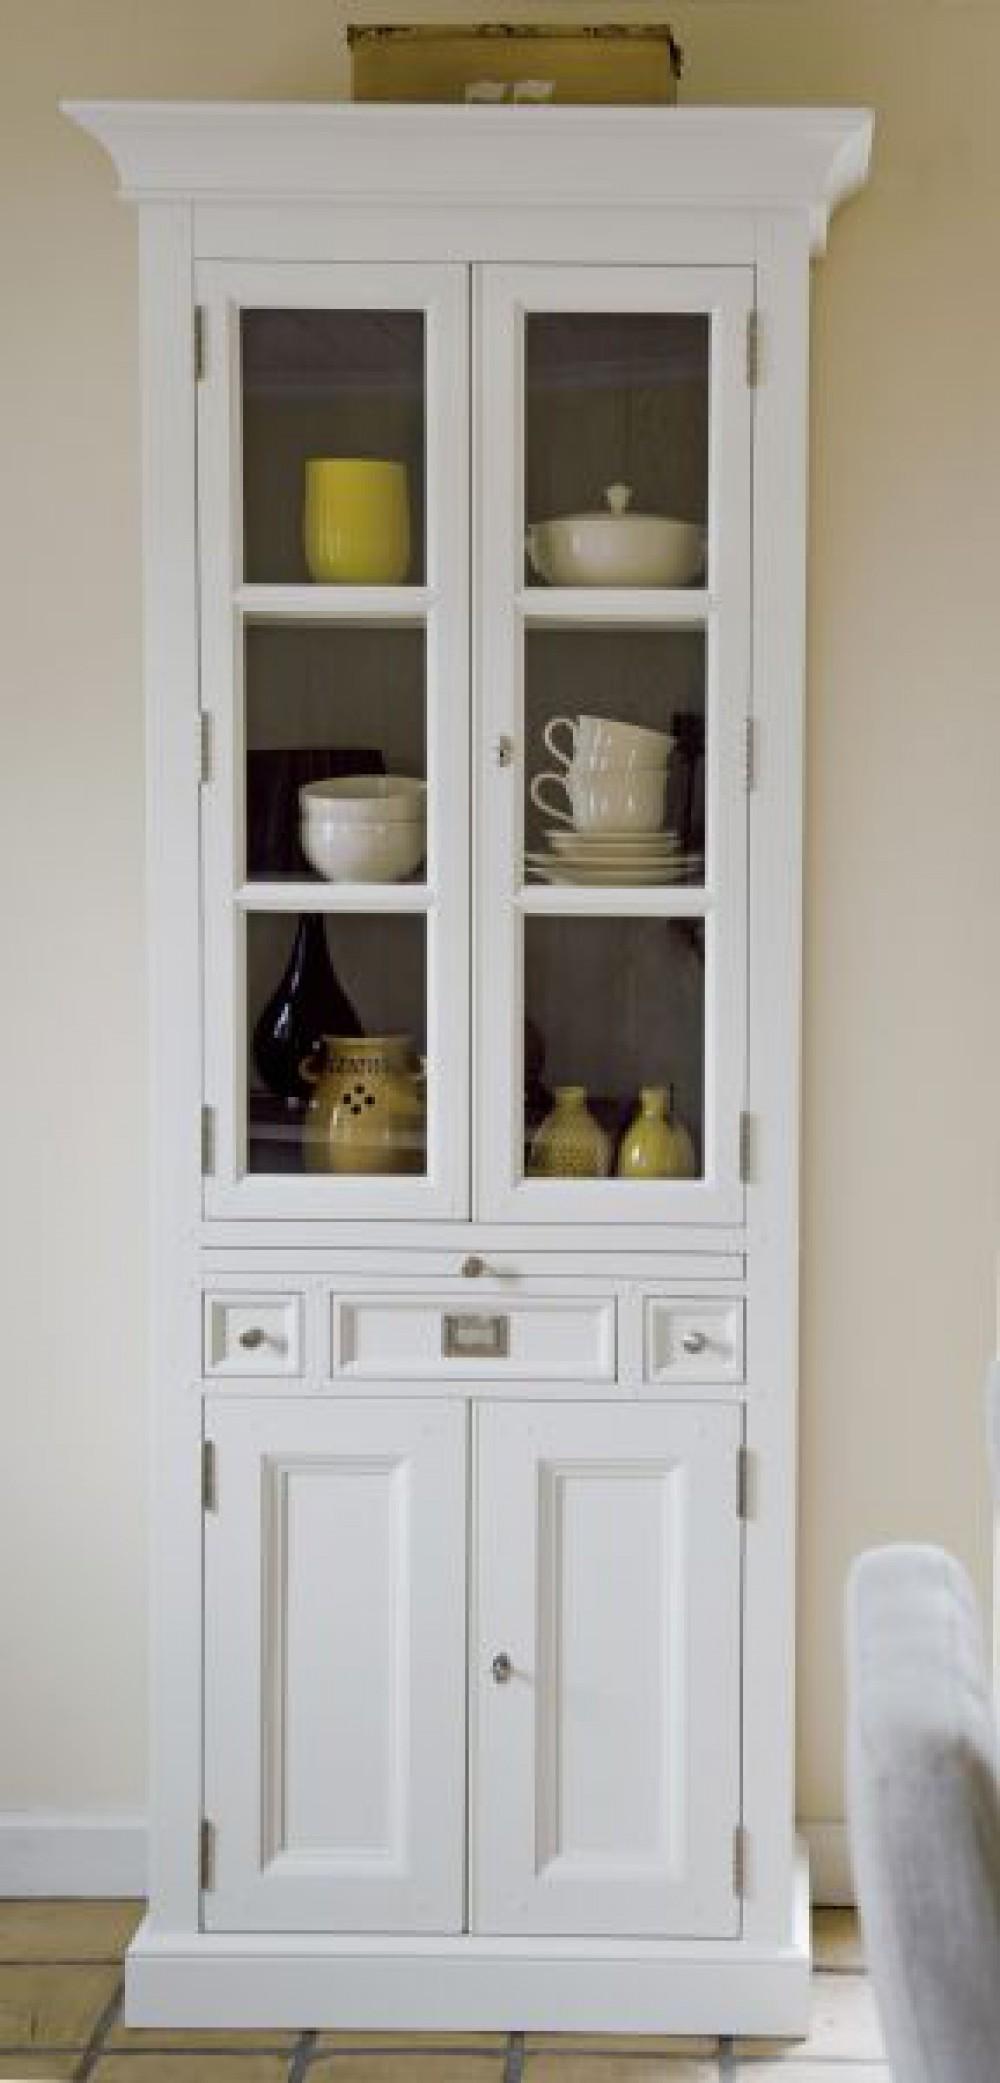 vitrine wei im landhausstil geschirrschrank wei braun breite 88 cm vitrinen. Black Bedroom Furniture Sets. Home Design Ideas